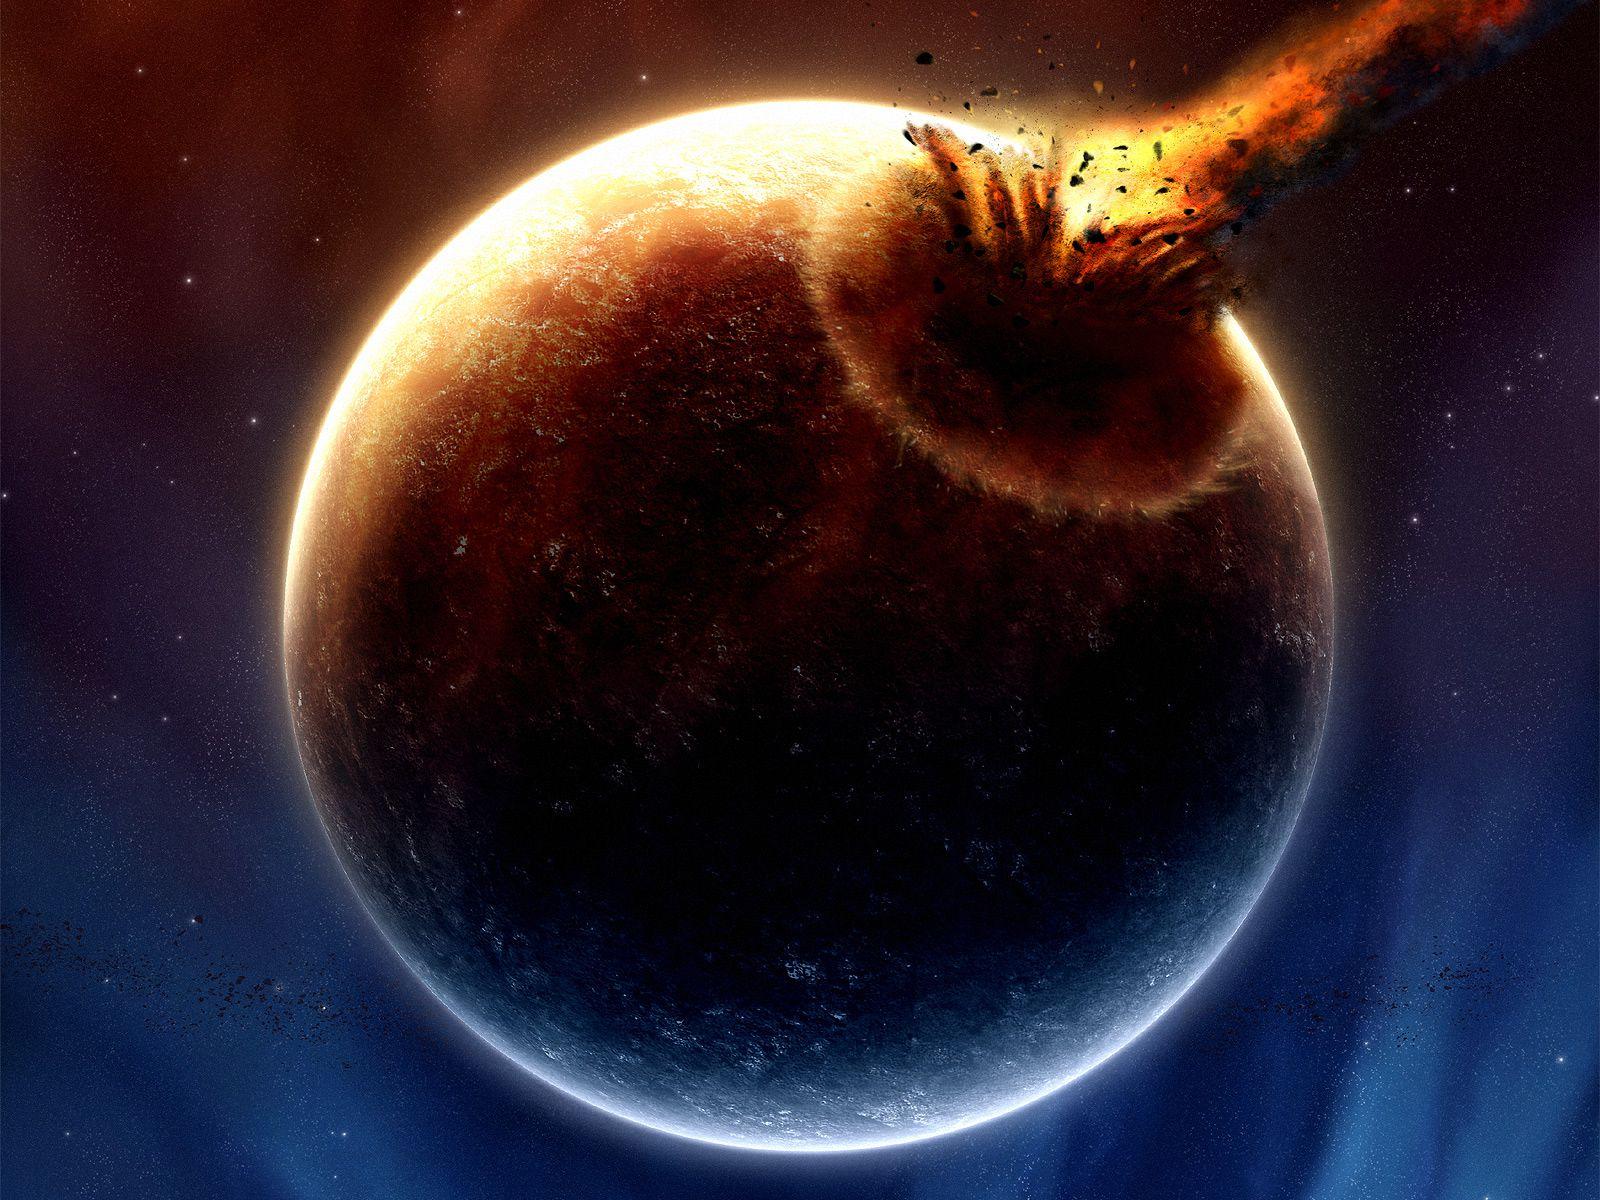 http://idata.over-blog.com/2/94/46/01//2124-planete-percutee-par-une-asteroide-WallFizz.jpg